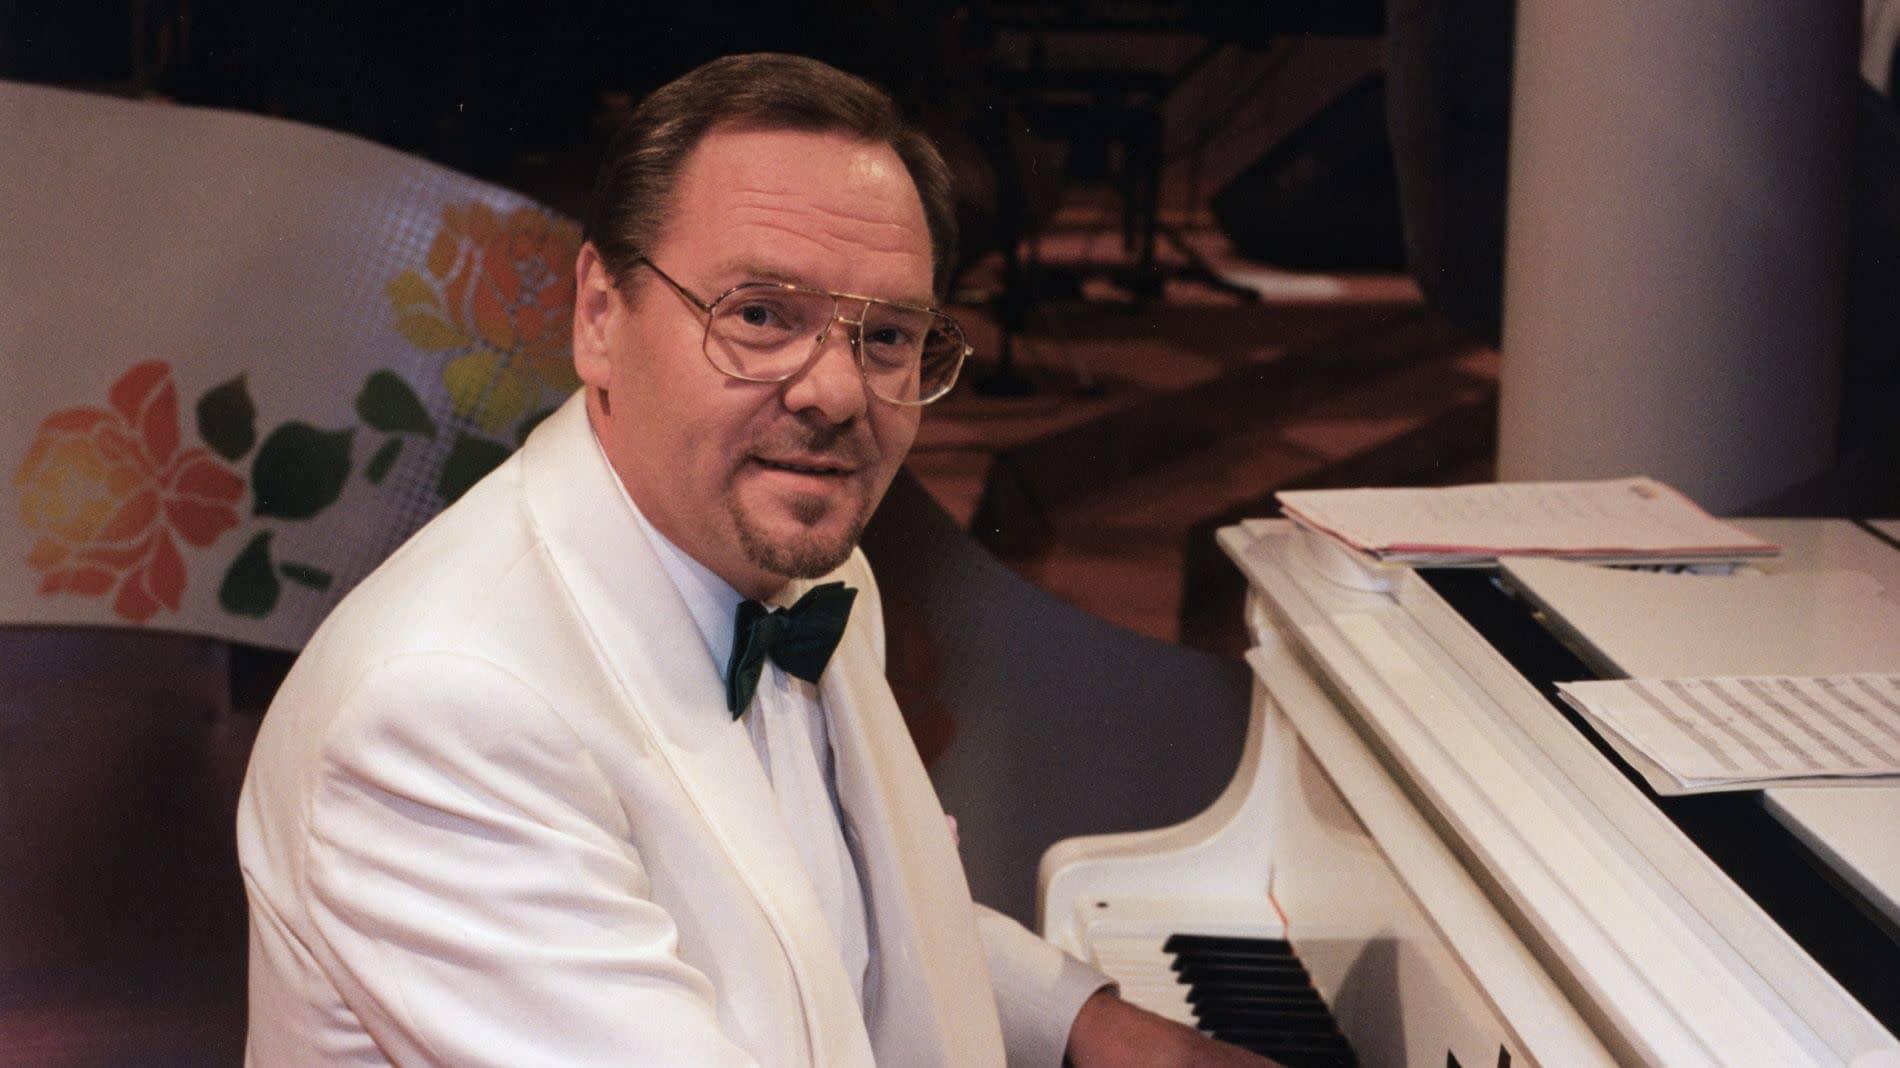 Kapellimestari Risto Hiltunen istuu pianon ääressä valkoinen smokkitakki yllään.